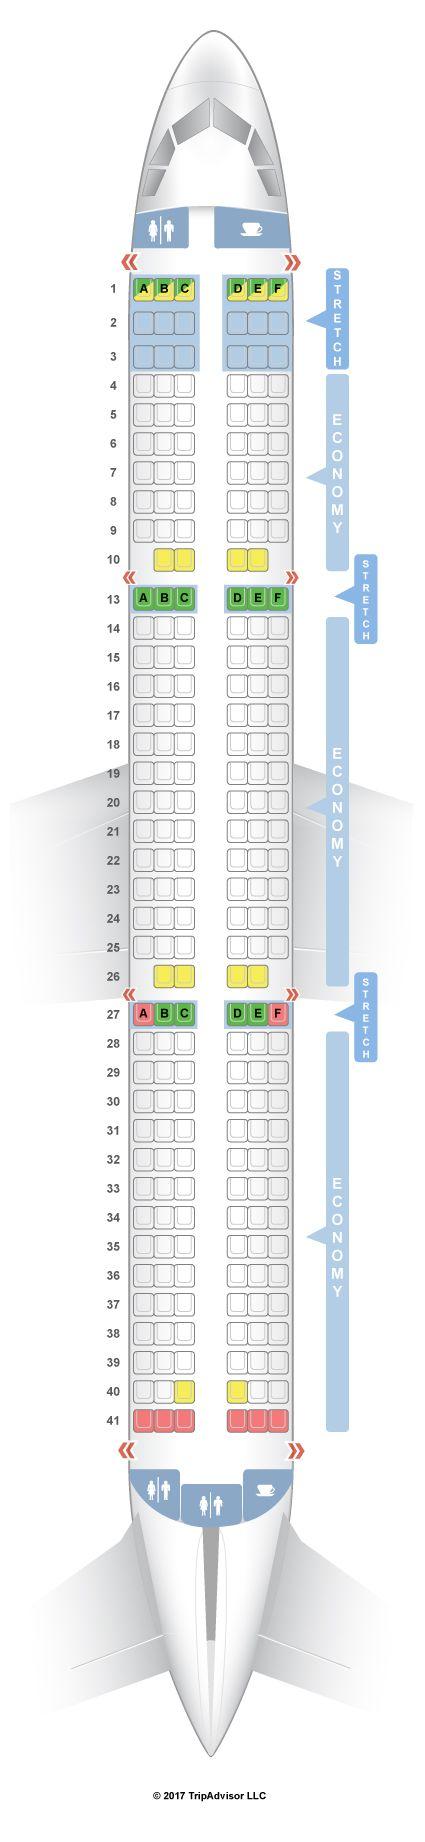 Frontier Seat Chart : frontier, chart, SeatGuru, Frontier, Airbus, (321), Seatguru,, Frontier,